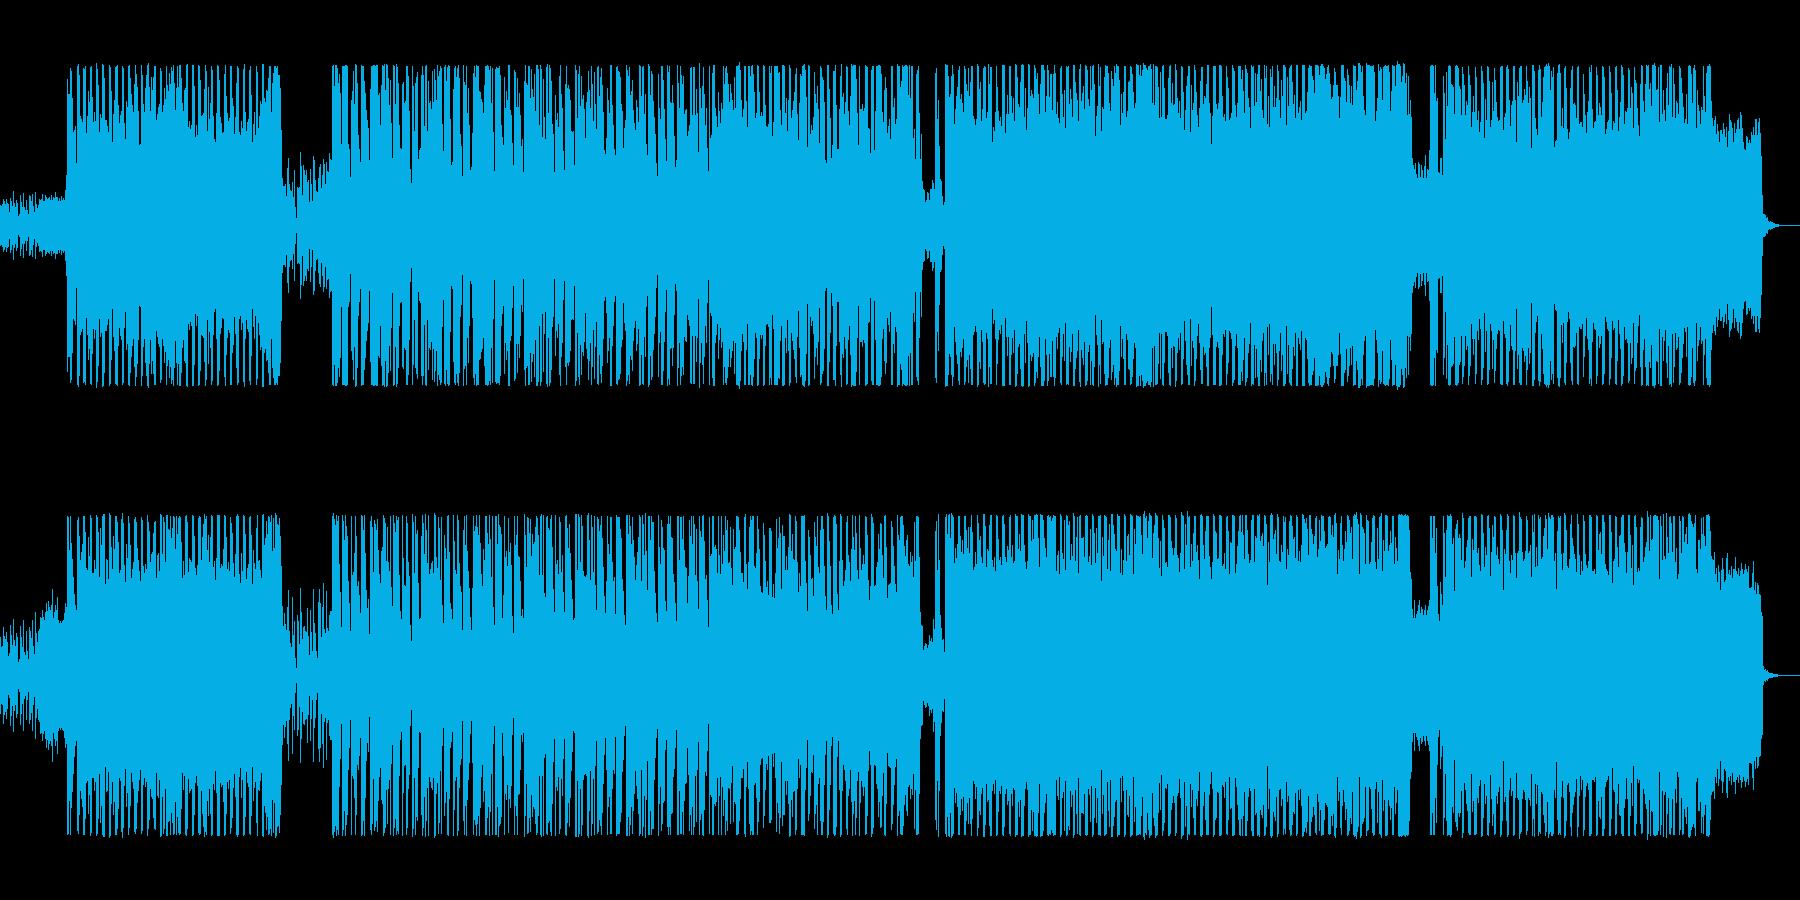 ワイルドでエキサイティングなロックポップの再生済みの波形